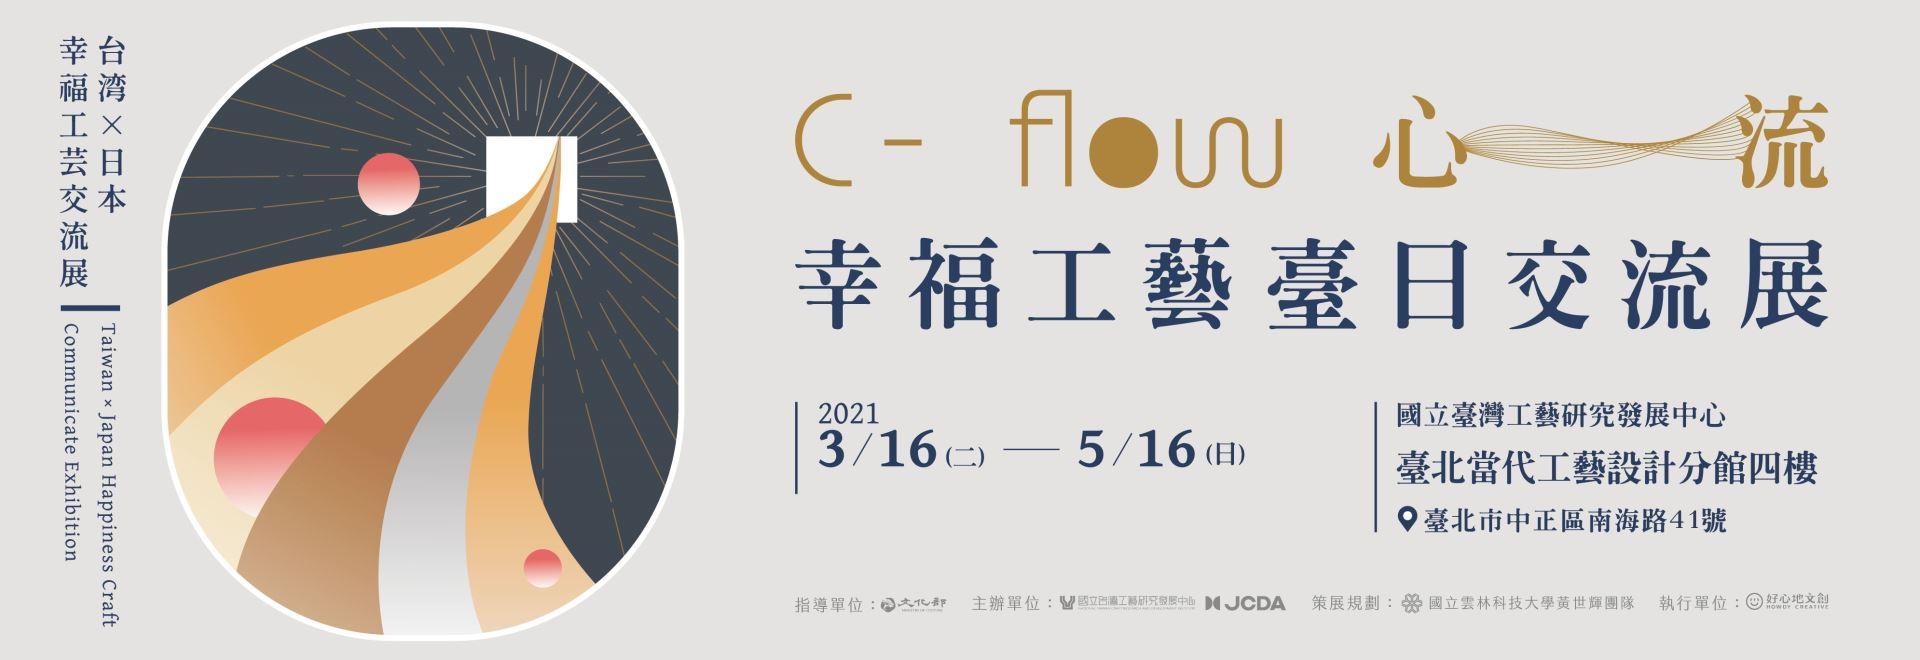 C-flow・心流-幸福工藝臺日交流展「另開新視窗」